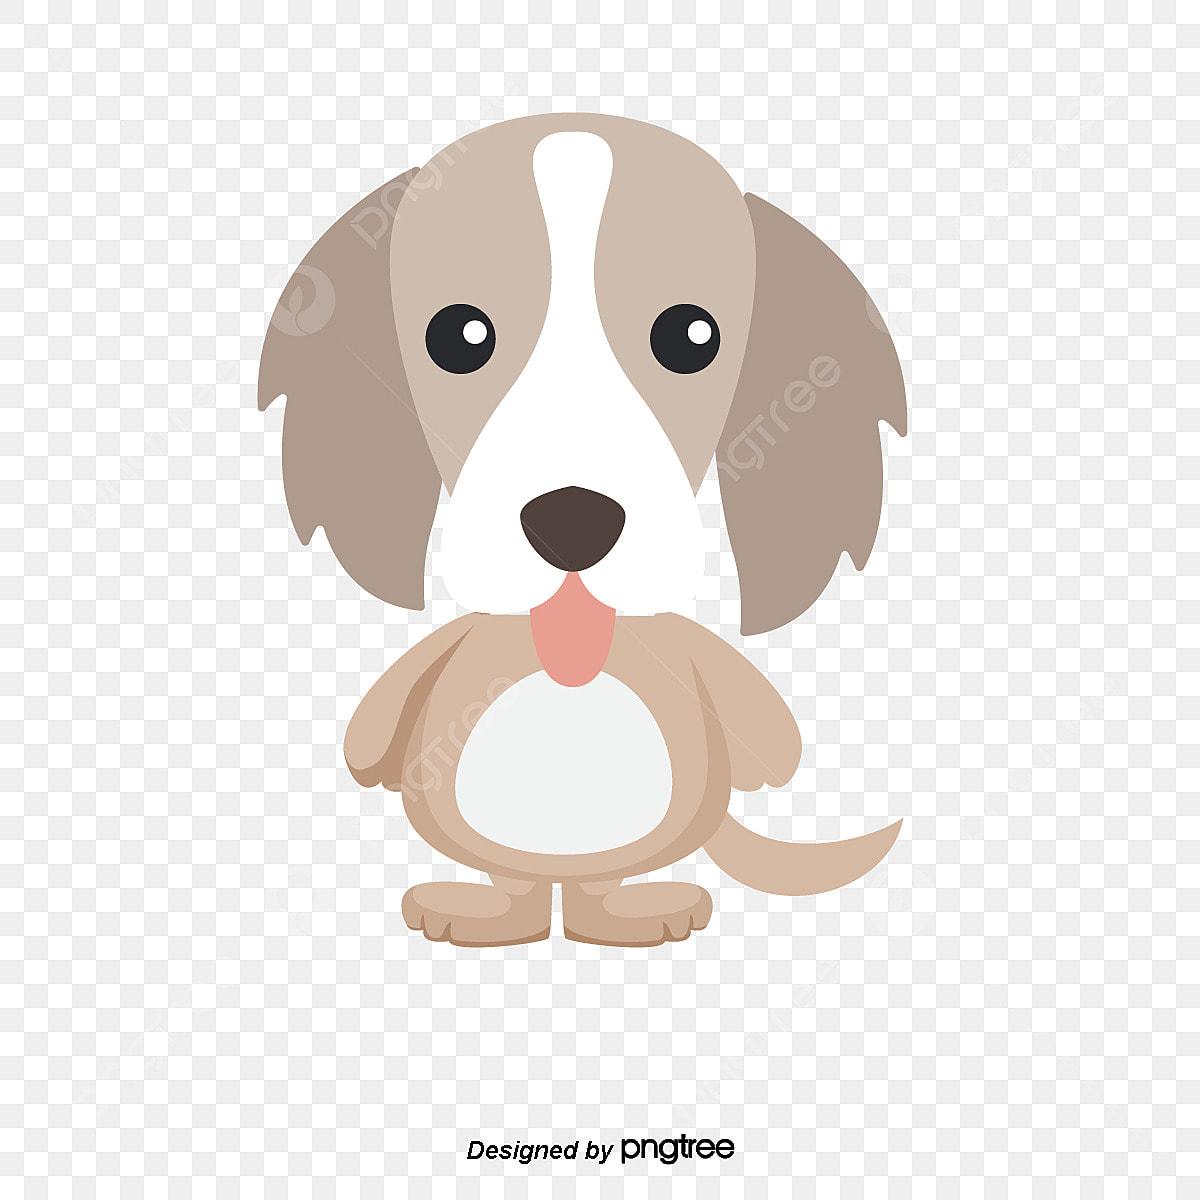 34+ Gambar animasi anak anjing terbaru